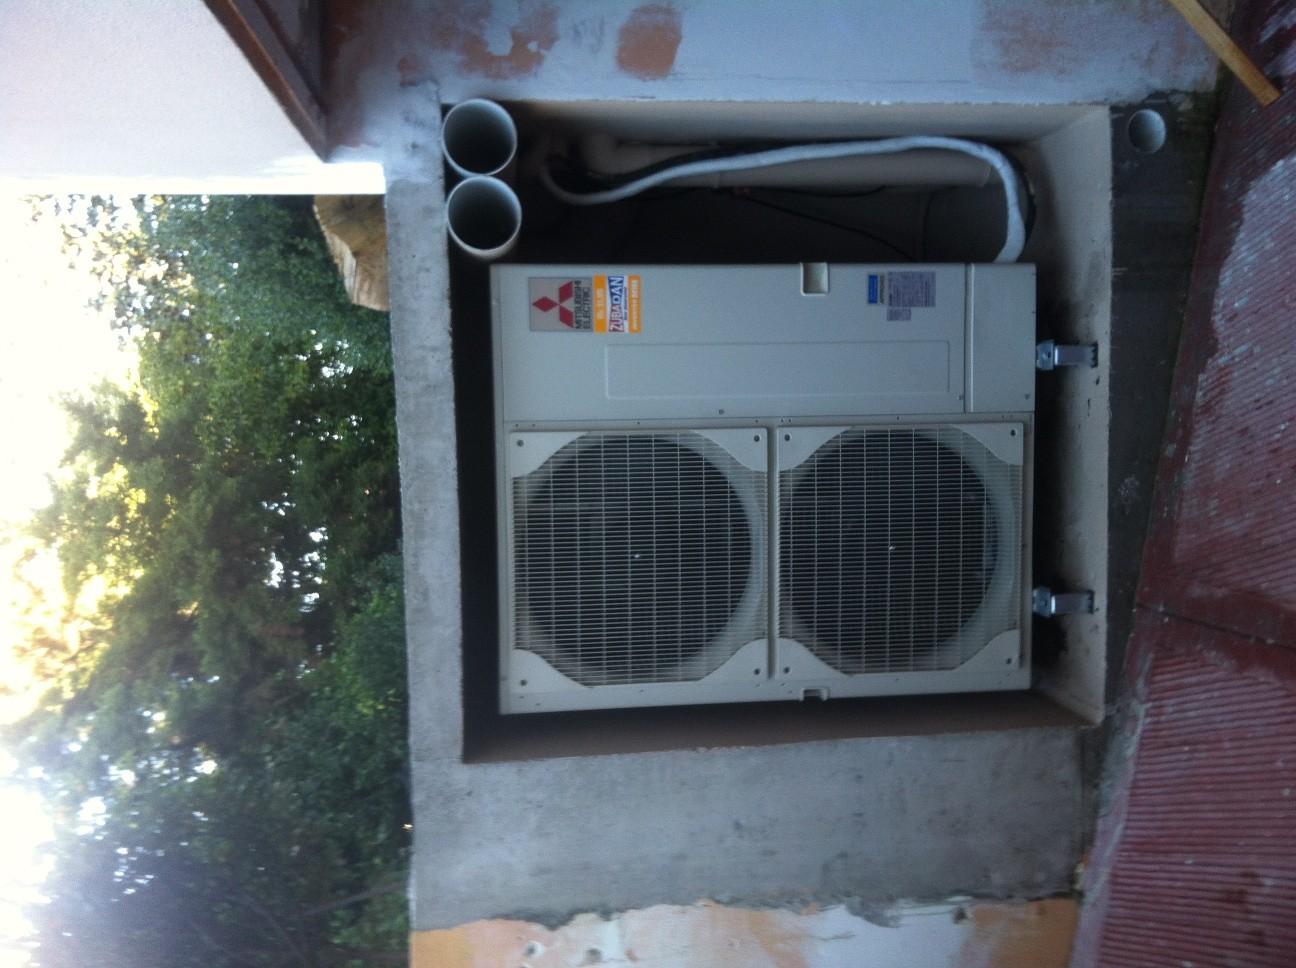 Α/Θ 23 Kw Αέρα-Νερού σε κατοικία στην Ν. Ερυθραία. Σύστημα με σώματα καλοριφέρ.